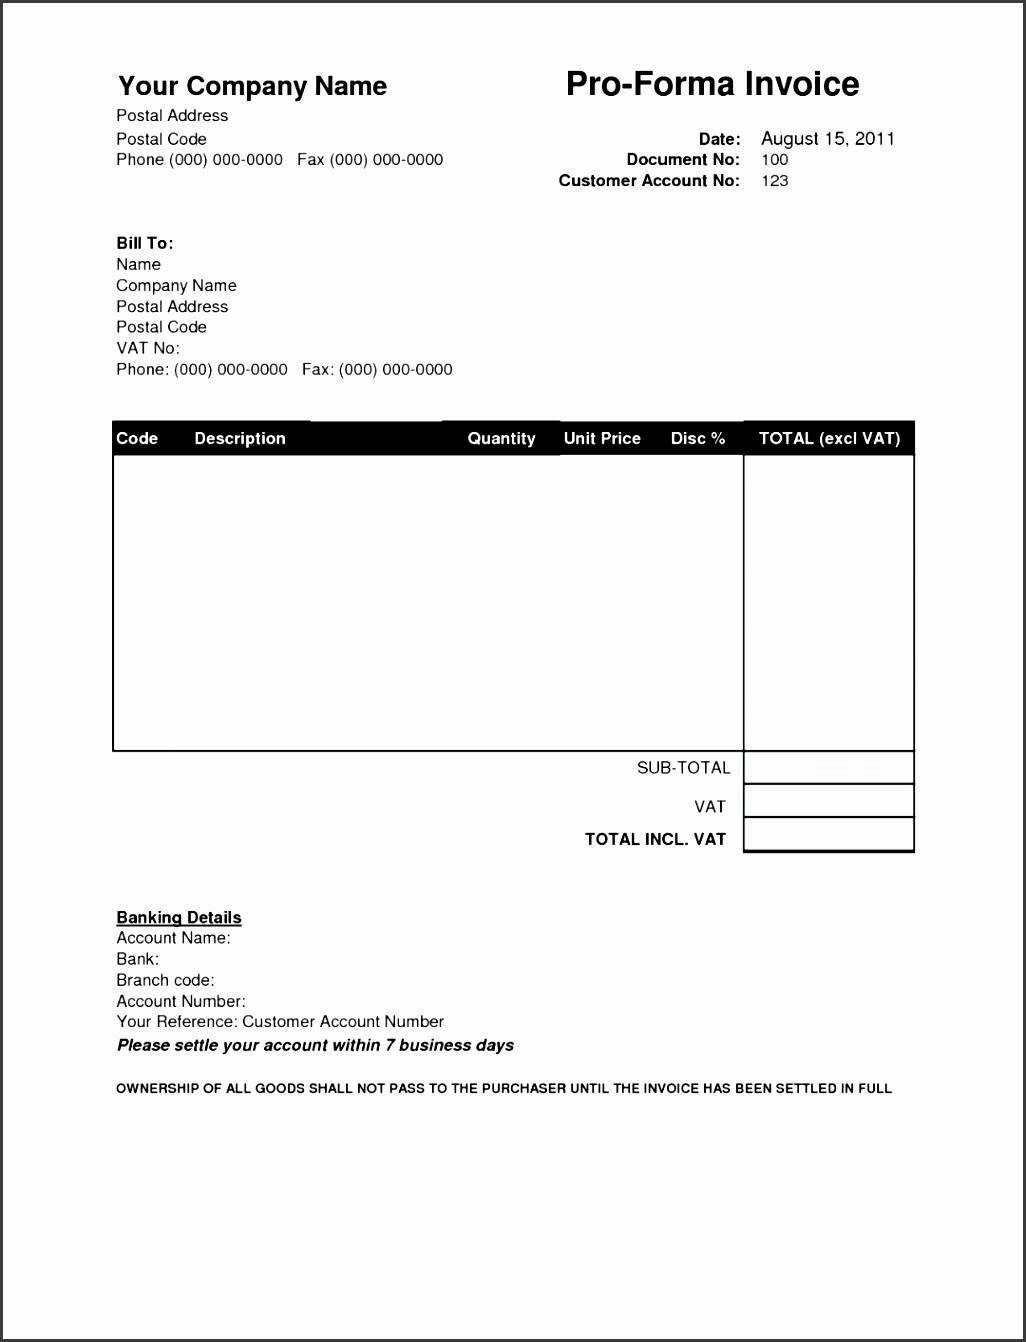 10 Bank Payment Receipt Template - SampleTemplatess - SampleTemplatess